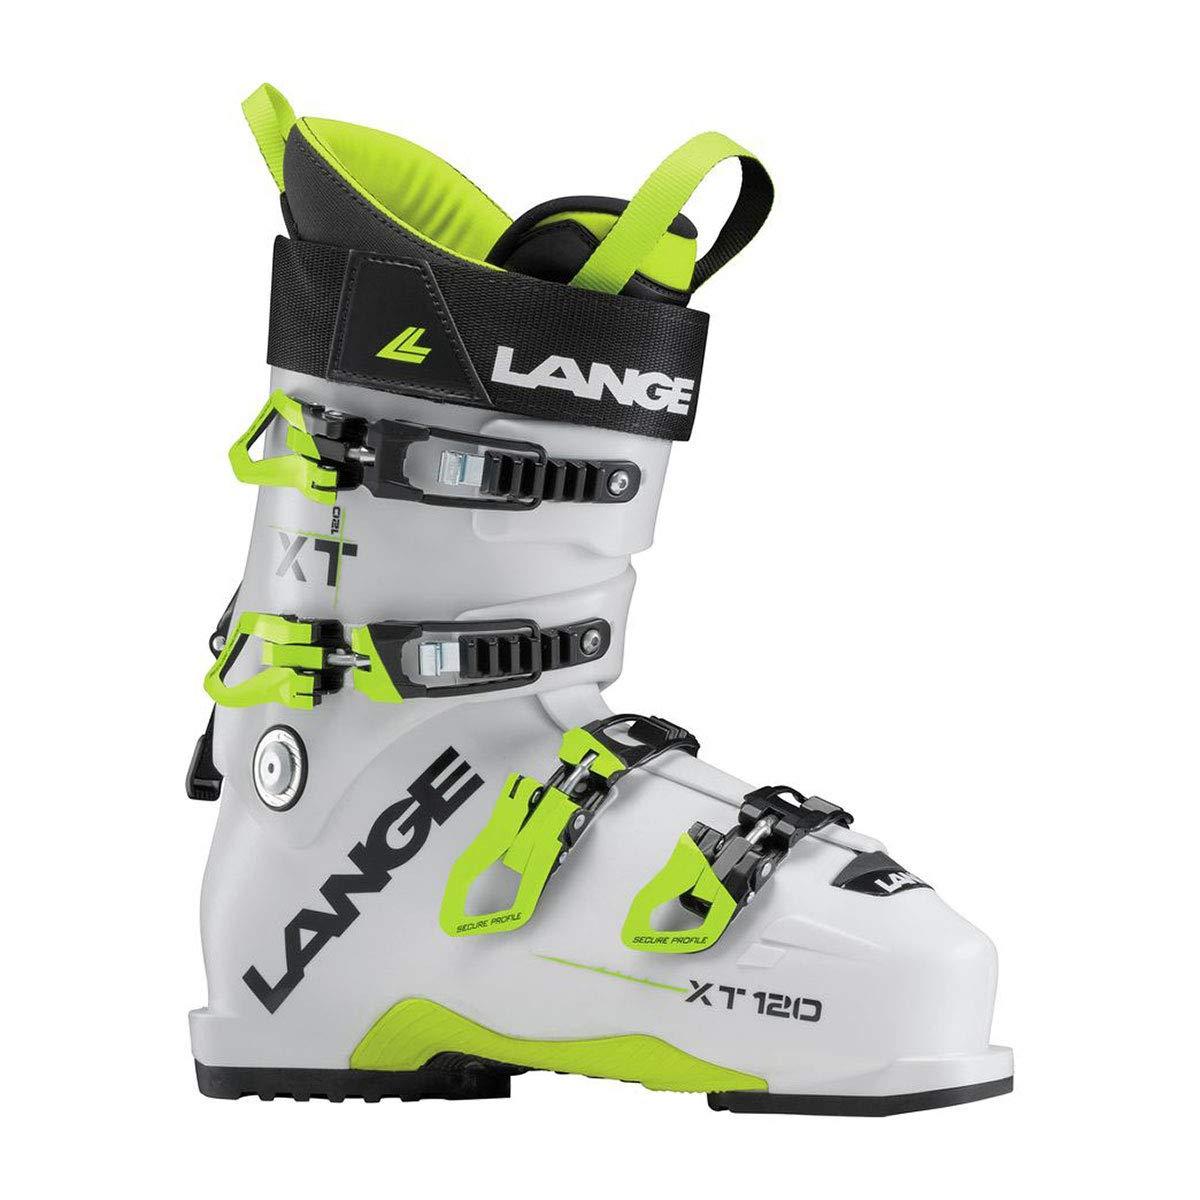 Lange XT 120 2018メンズ雪スキーブーツ( 25.5 ) B075SYYD6S